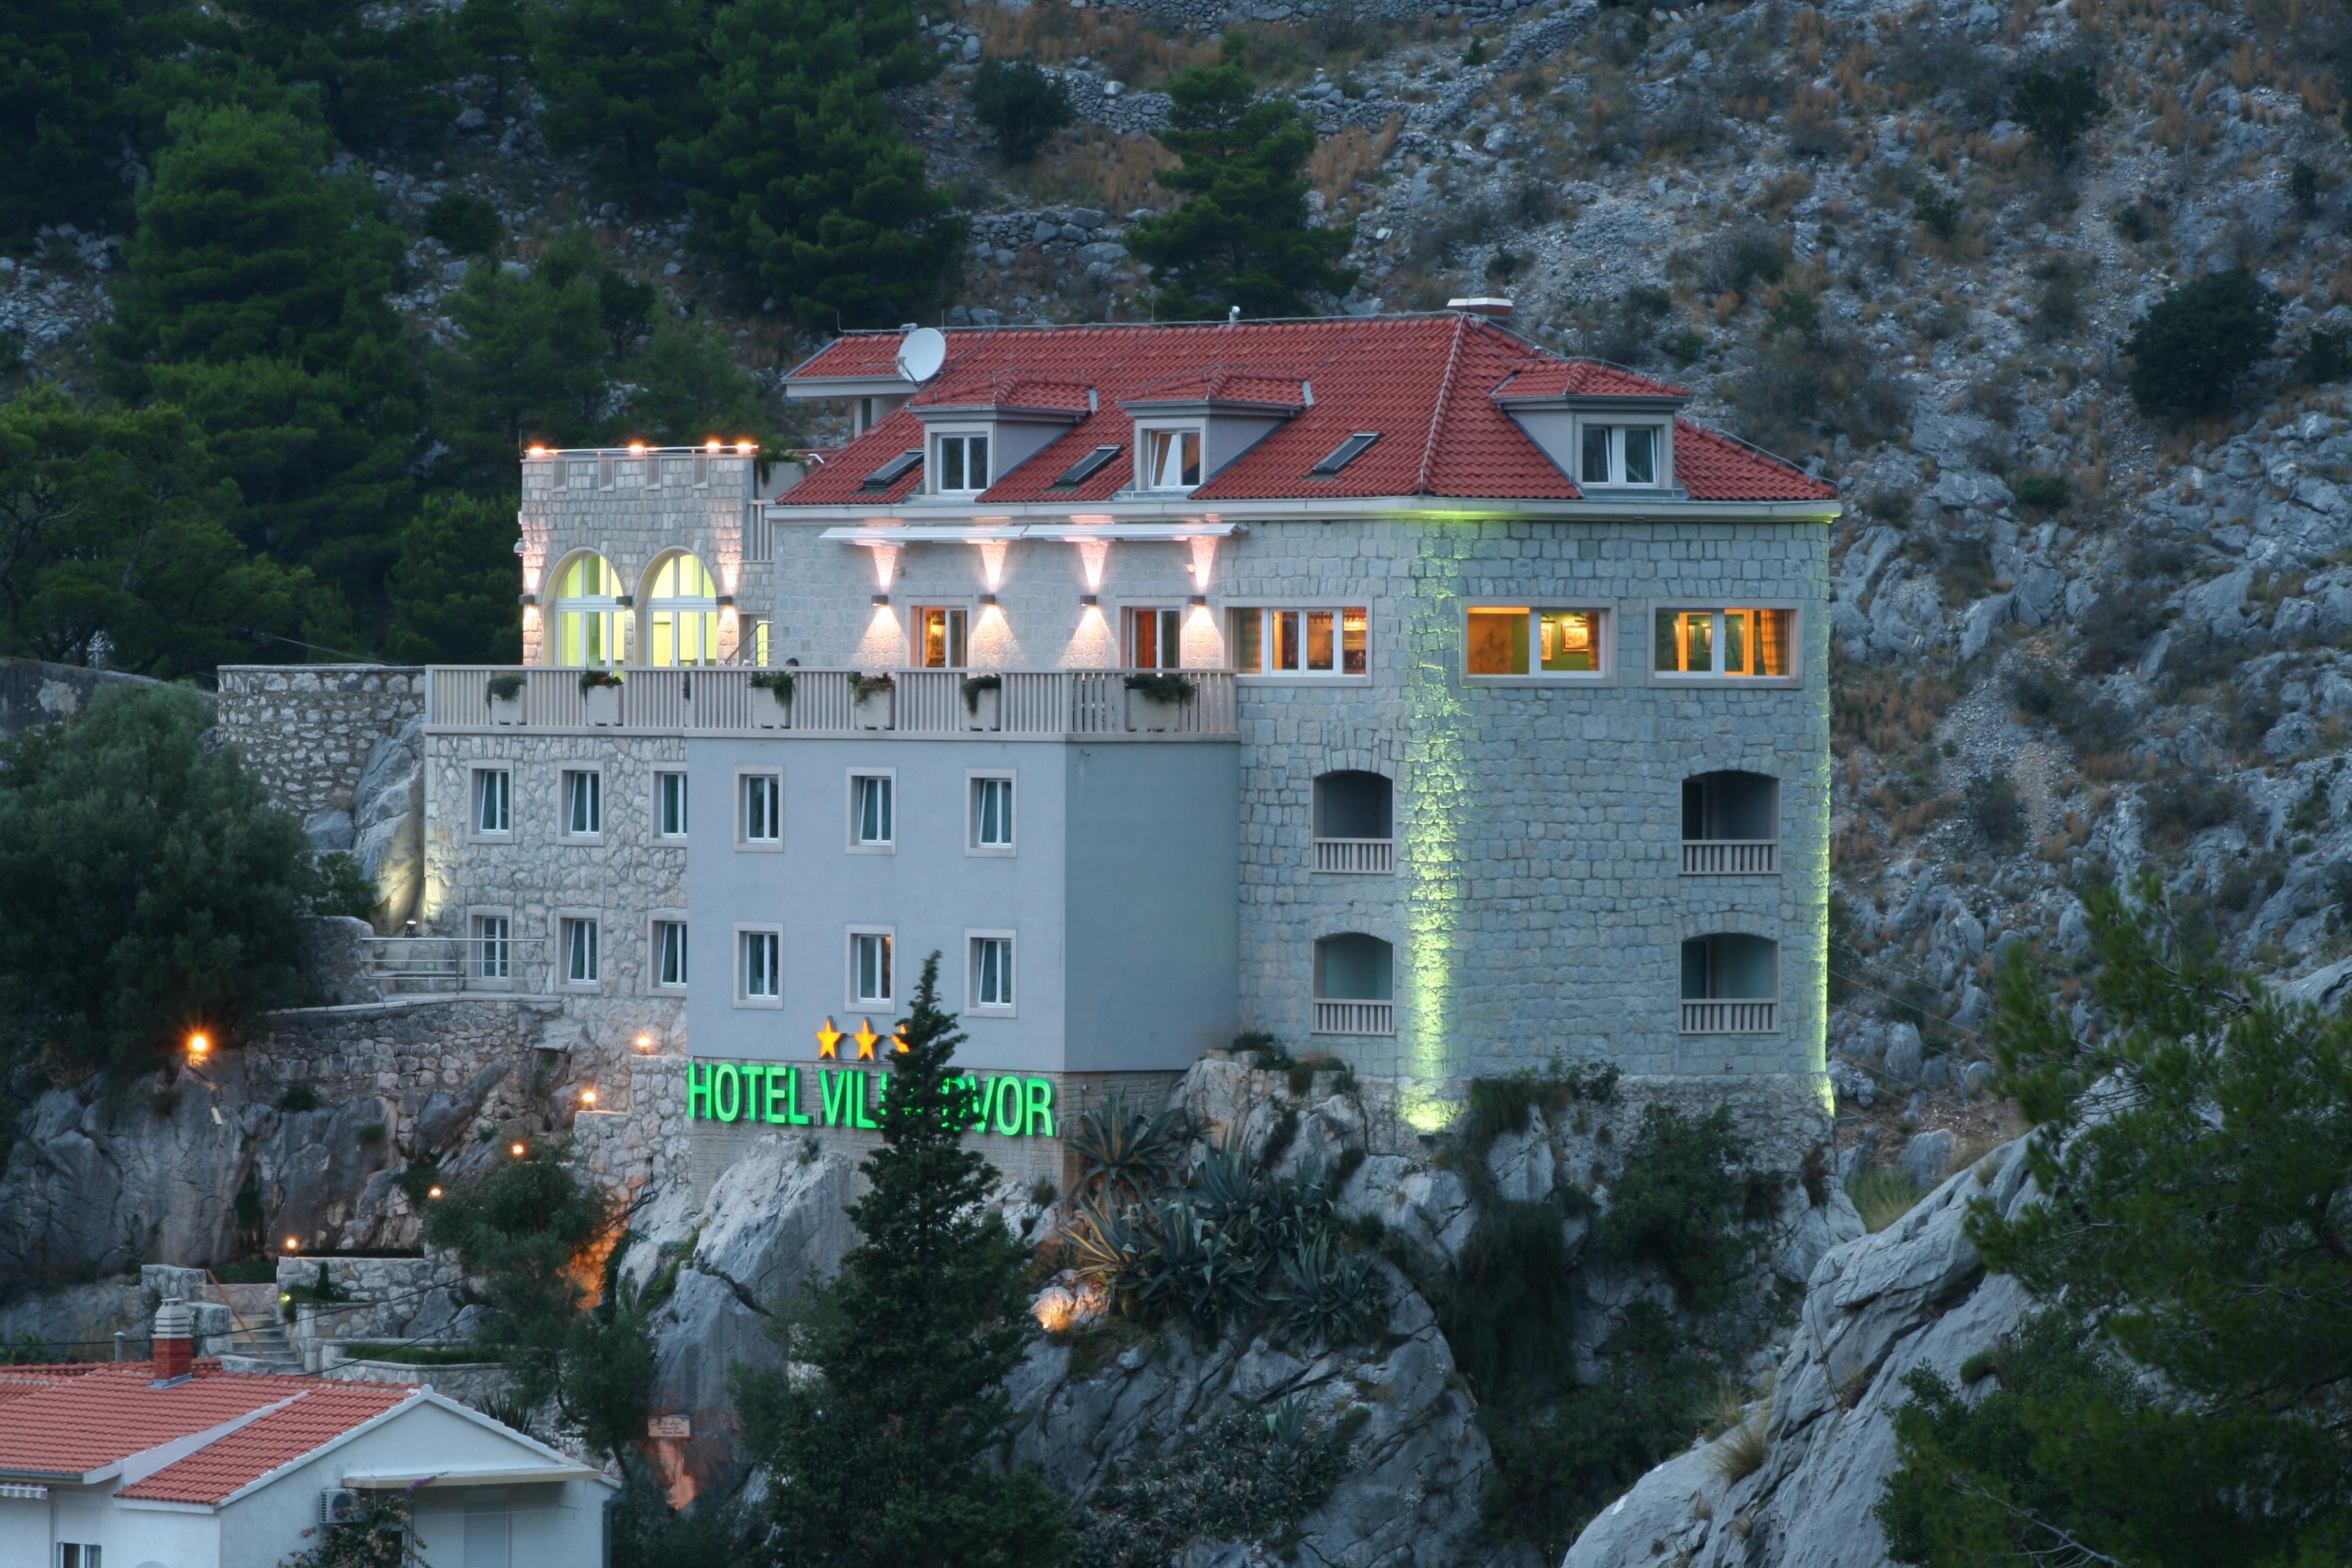 Hotel Villa Dvor, Omiš